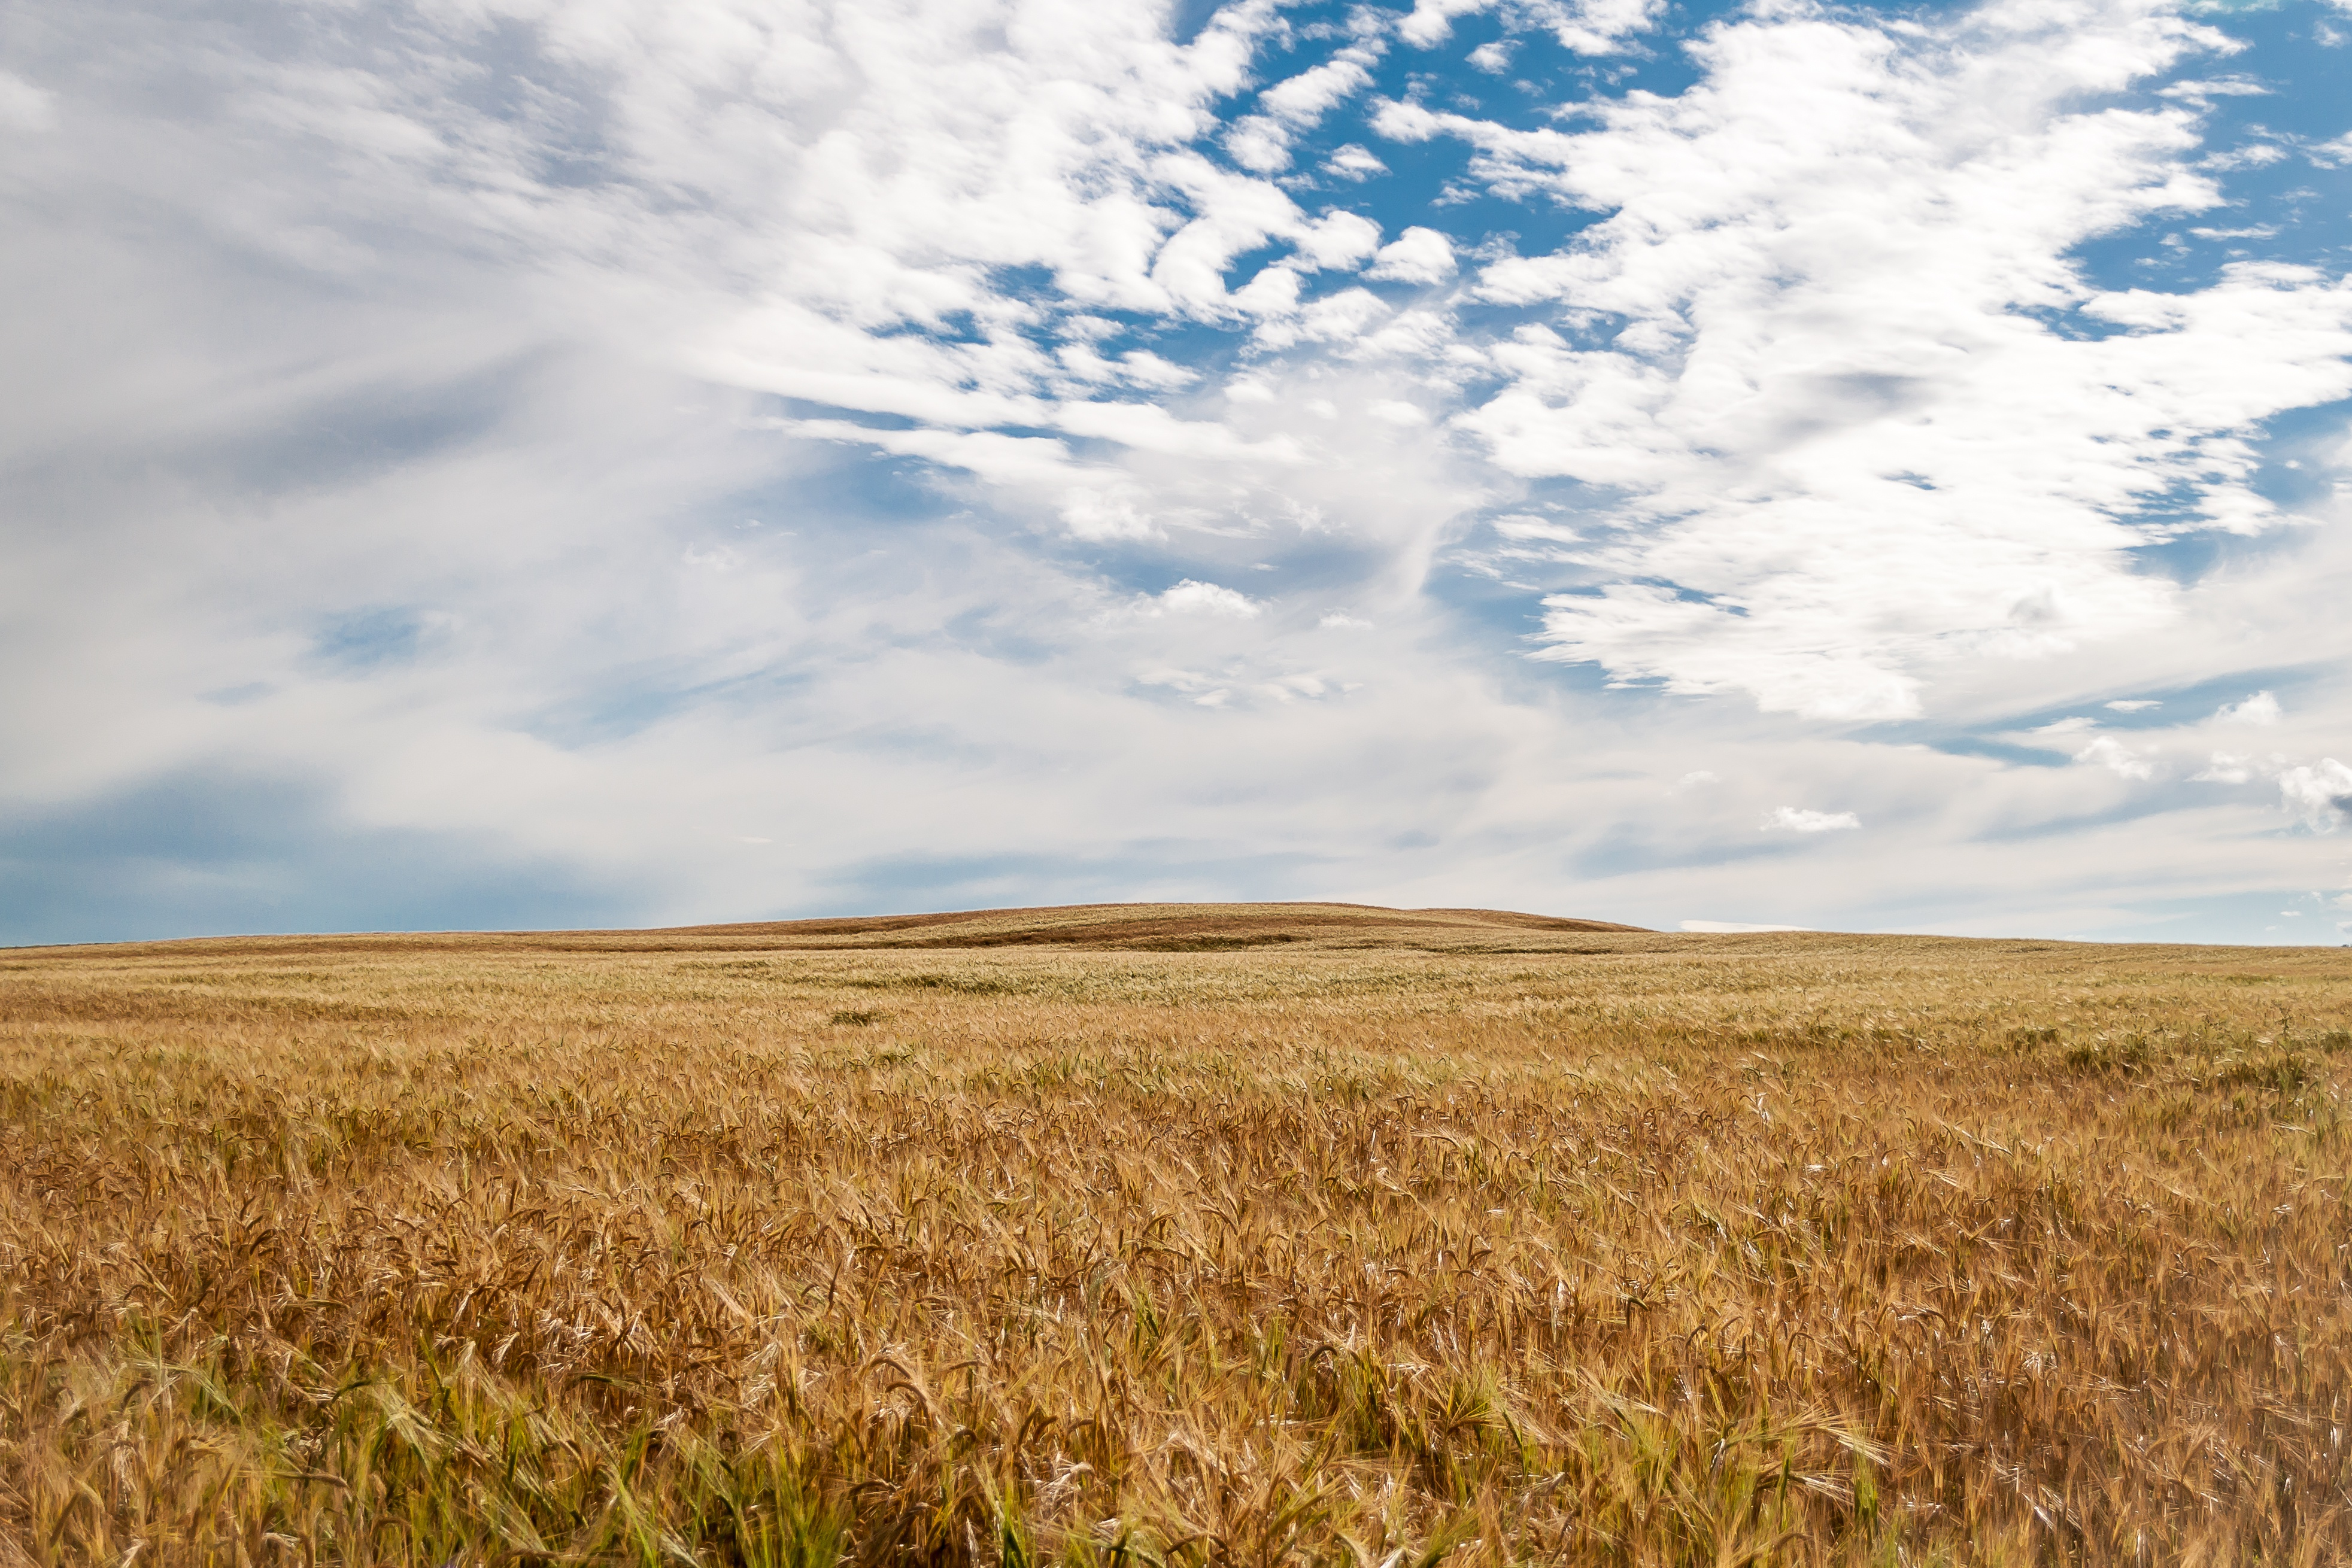 природа поле горизонт  № 3896439 загрузить